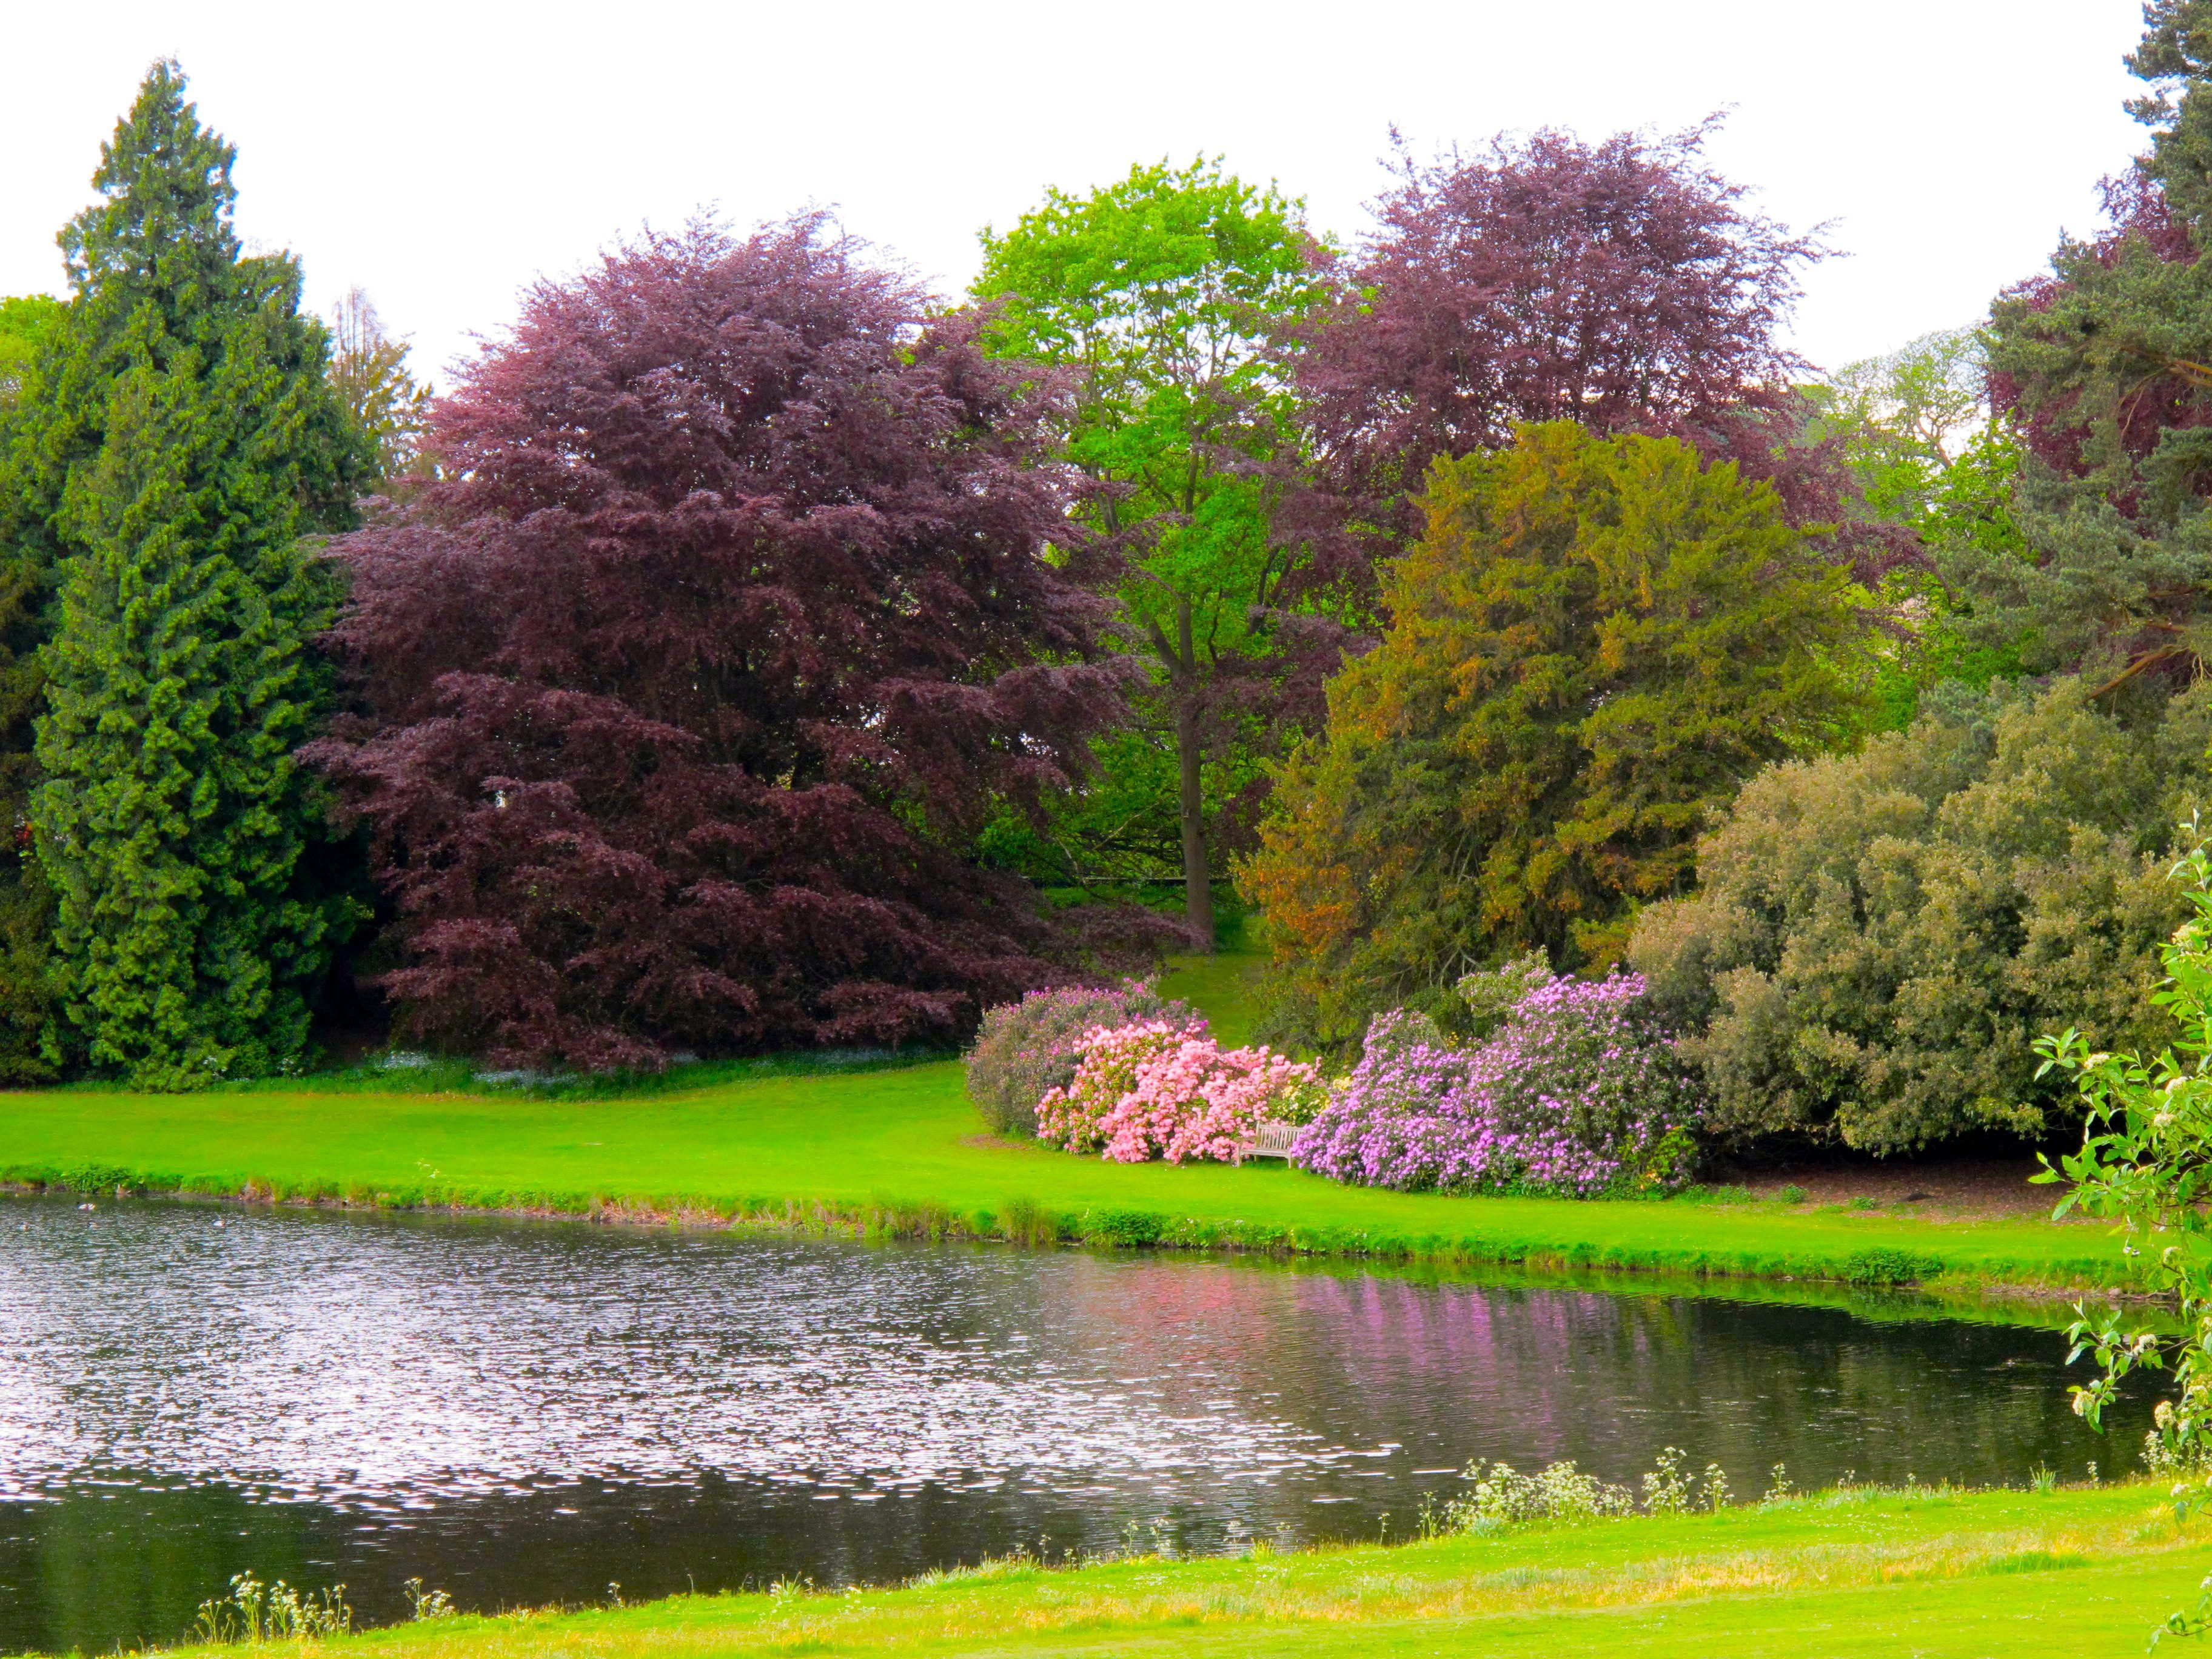 Colorful nature #beautifulnature #peaceful #meditate #lifechirocenter